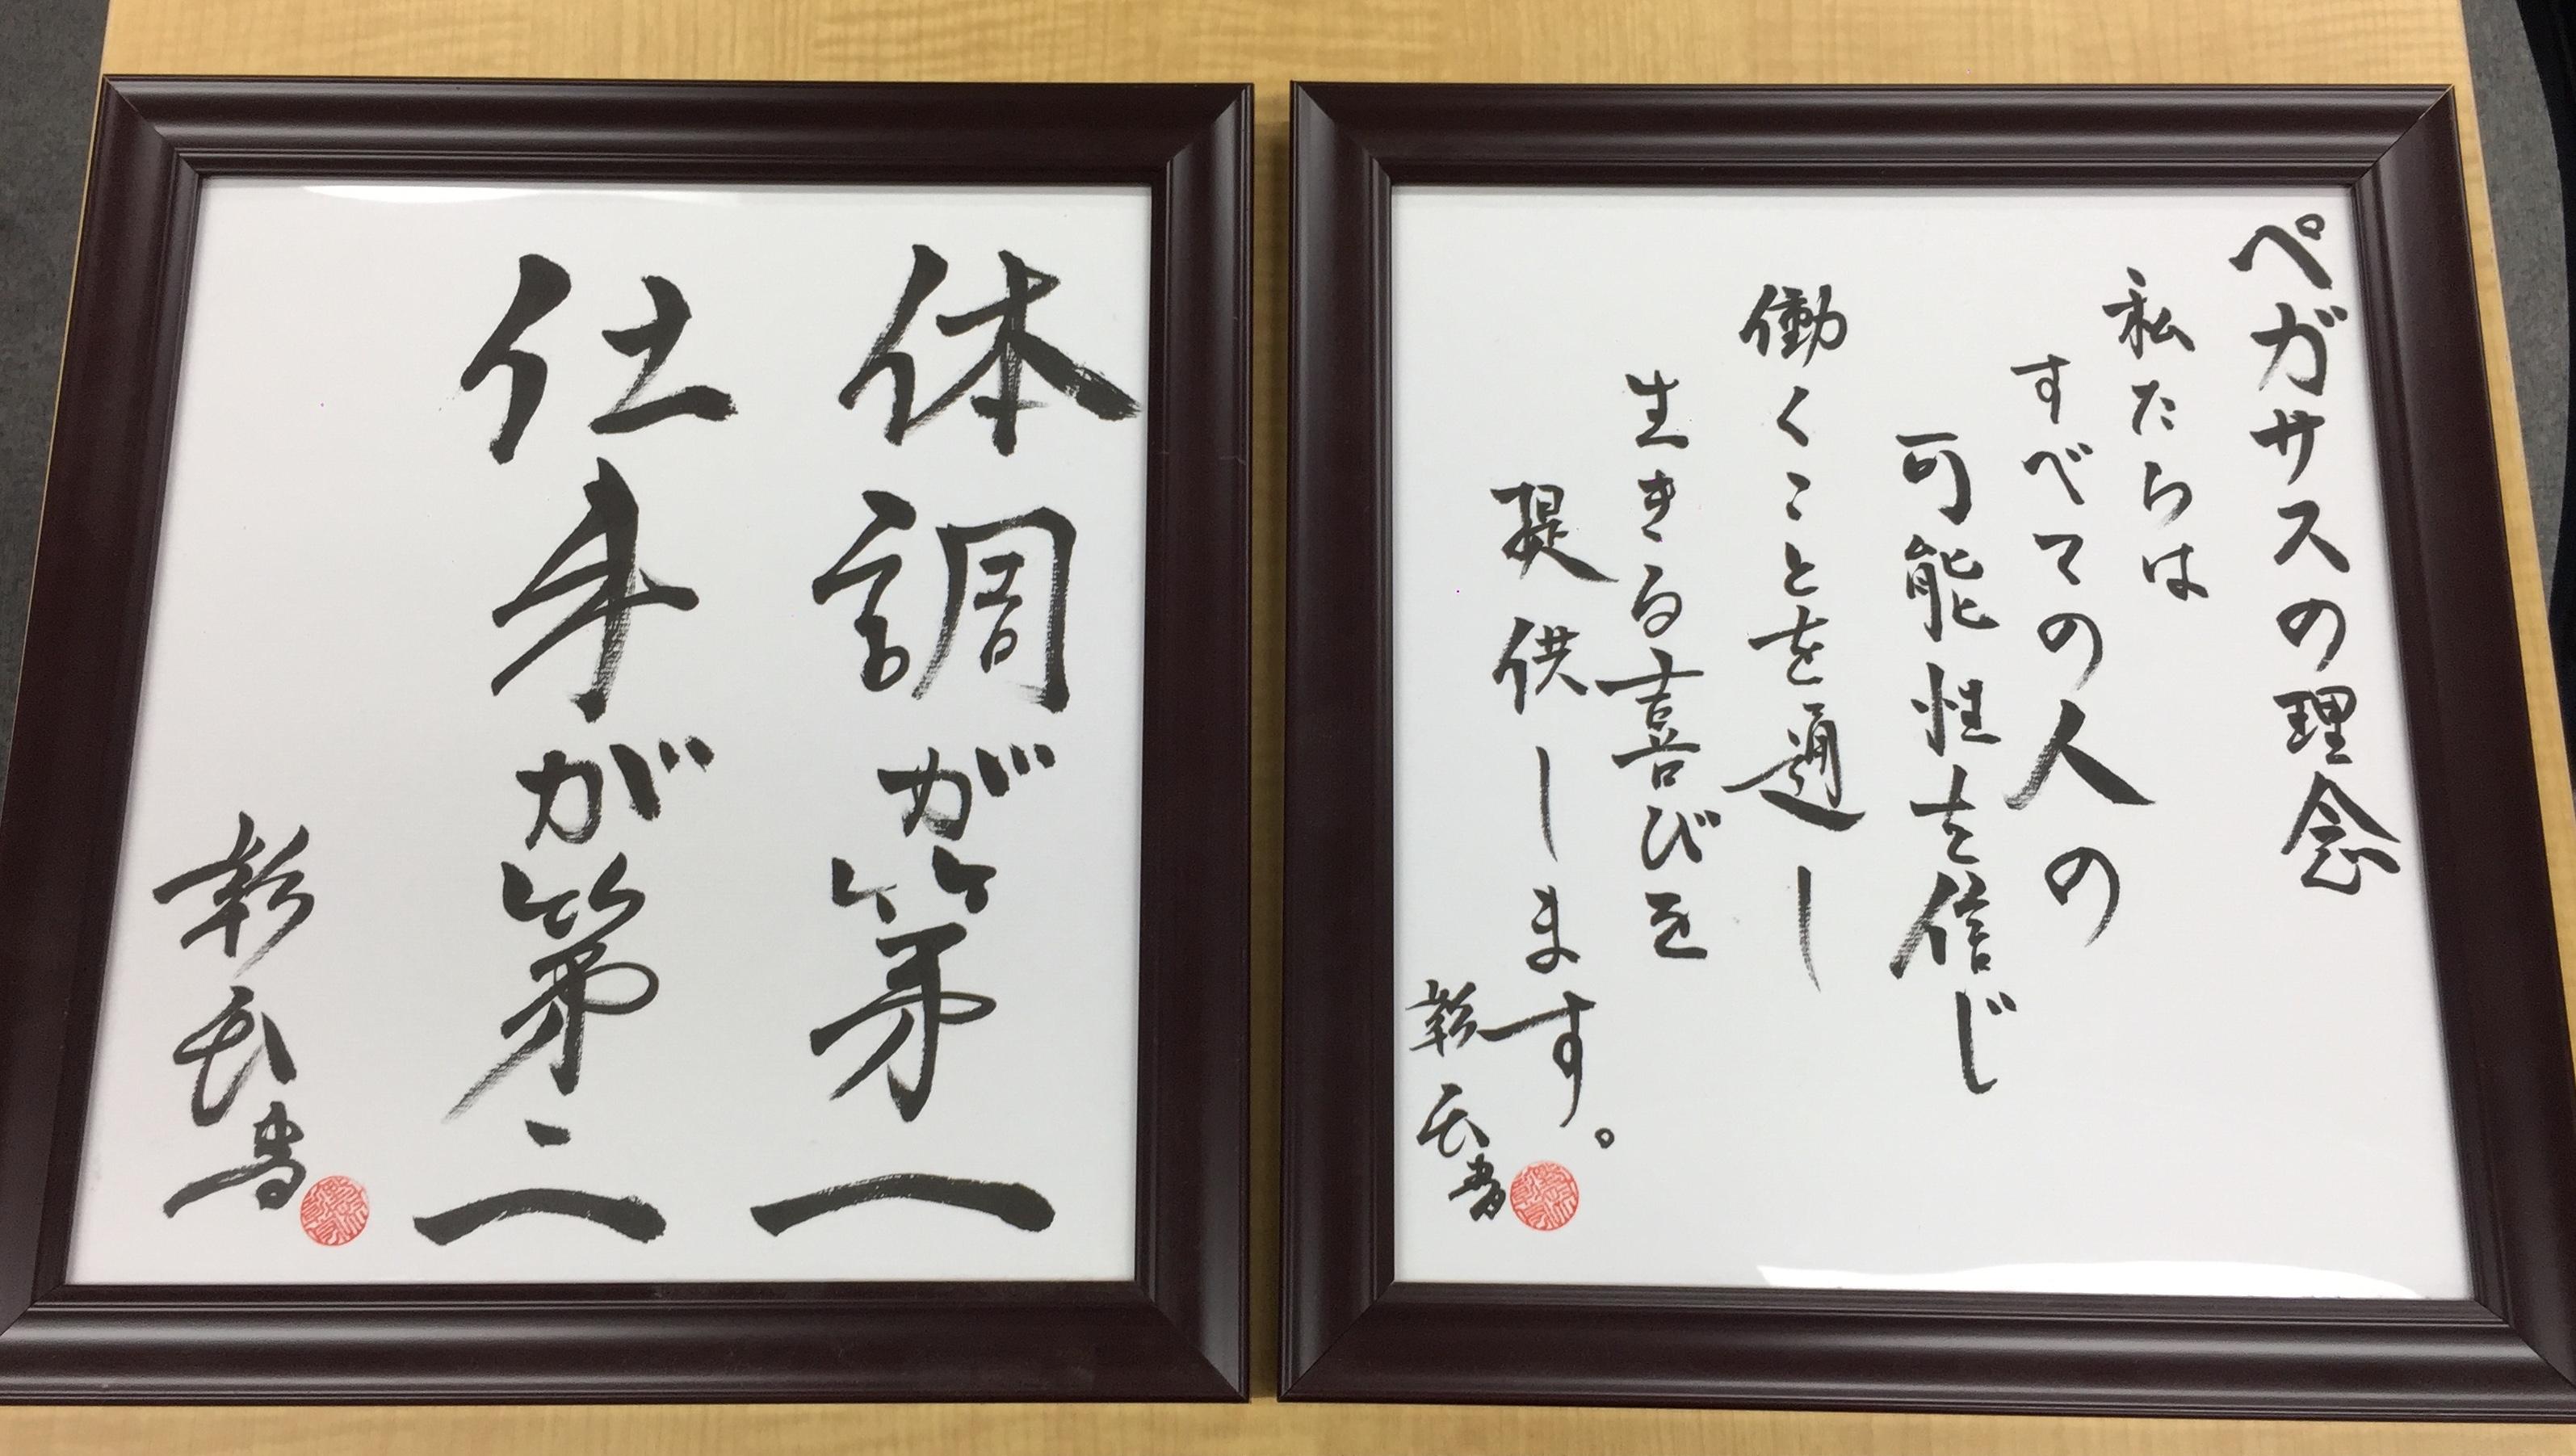 一般社団法人ペガサス 横須賀事業所の理念